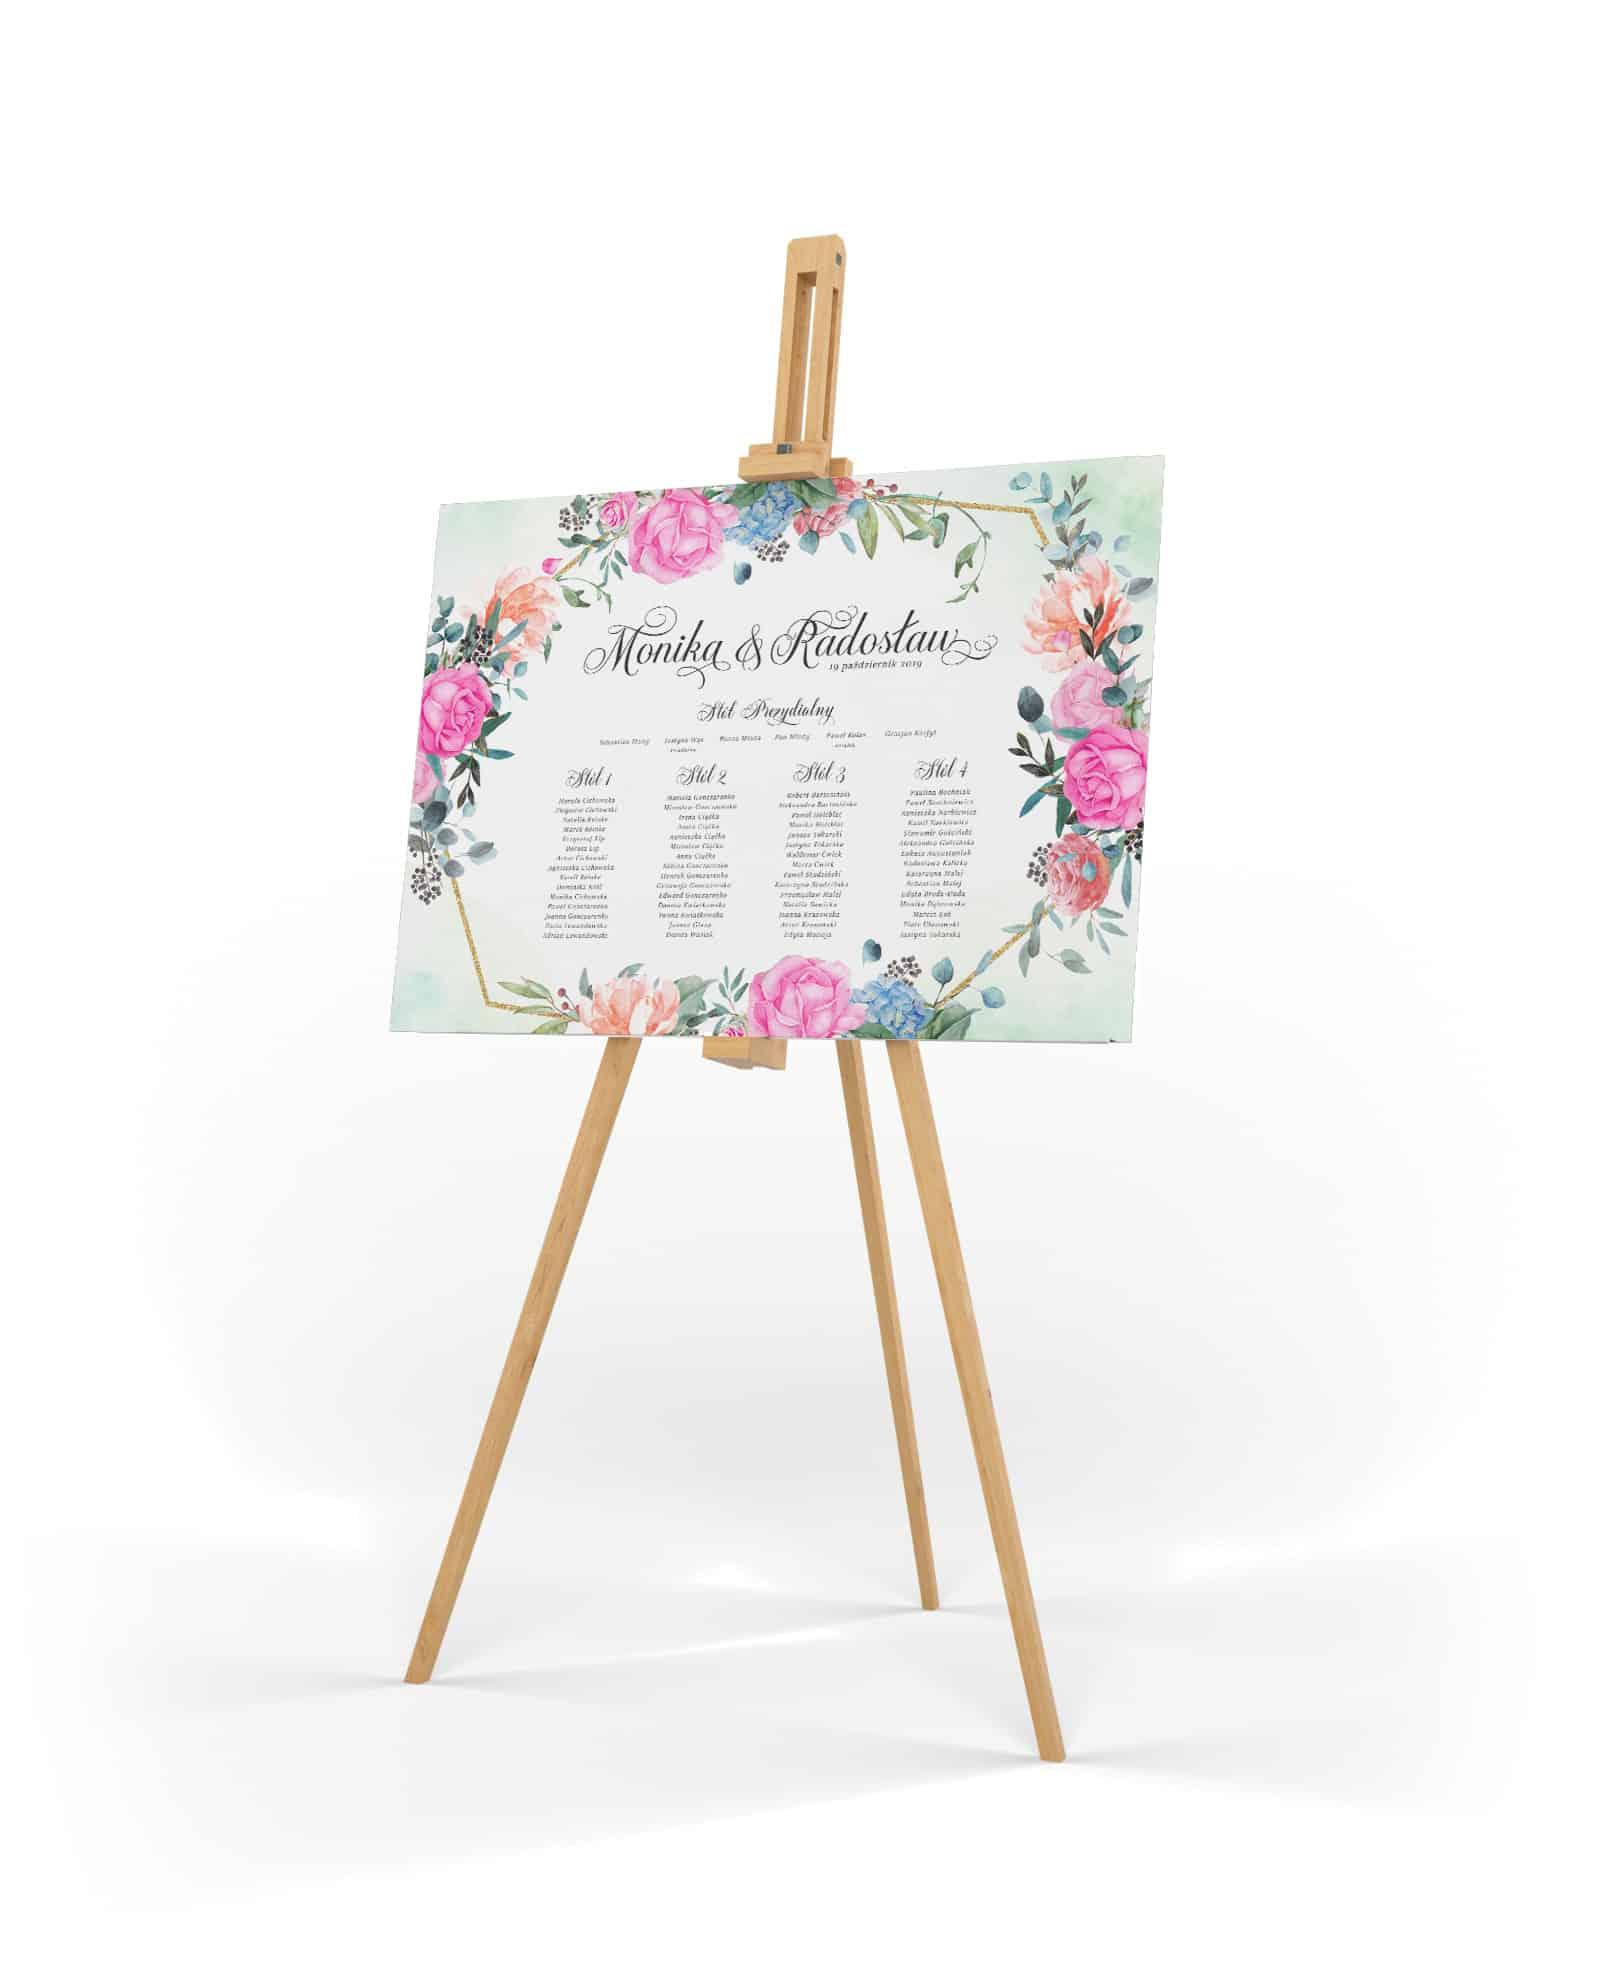 Plan usadzenia gości z dużymi kwiatami w żywych kolorach